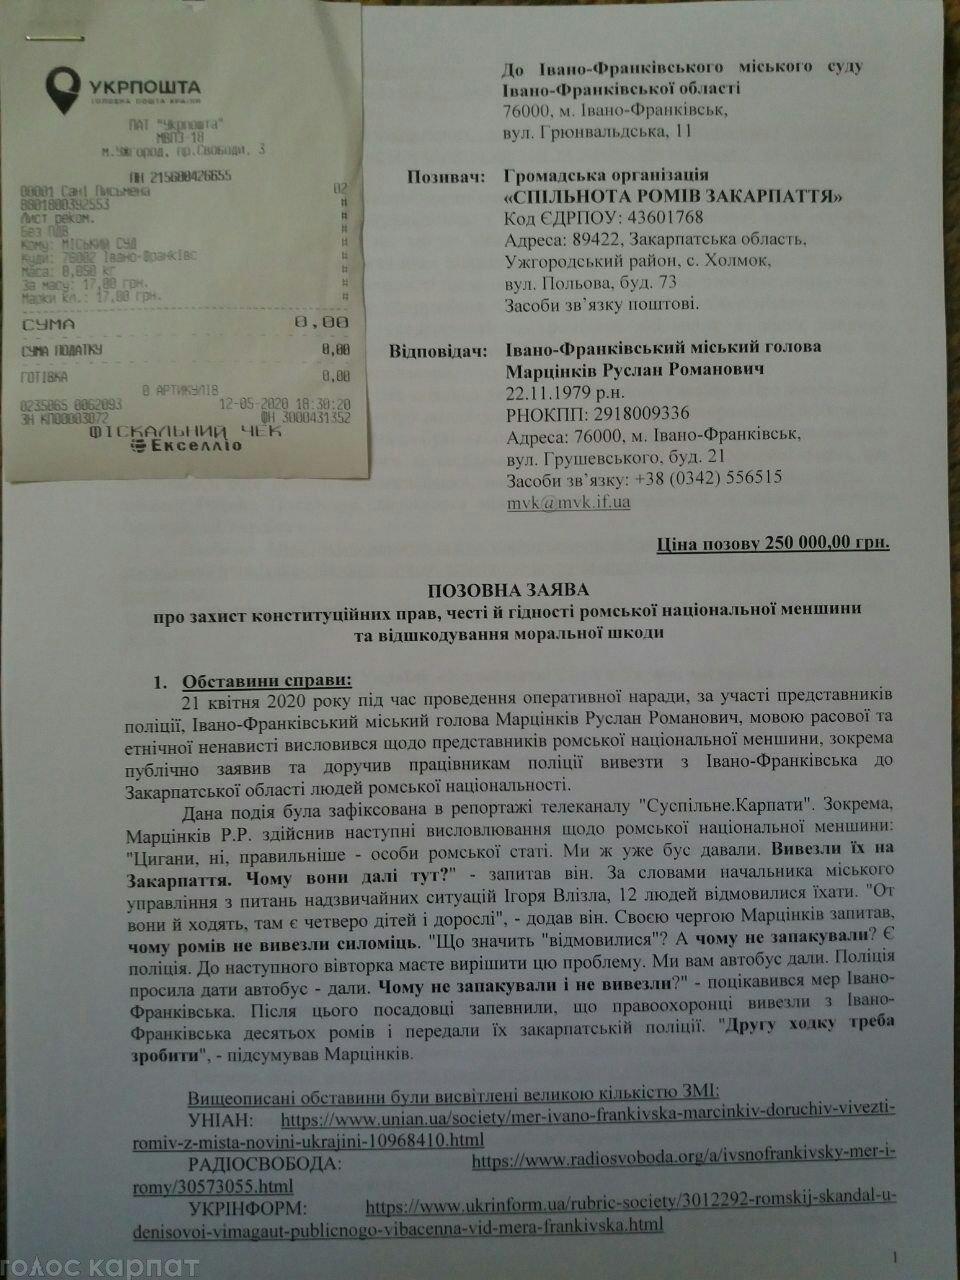 Ромська спільнота із Закарпаття хоче відсудити в мера Івано-Франківська 250 тисяч